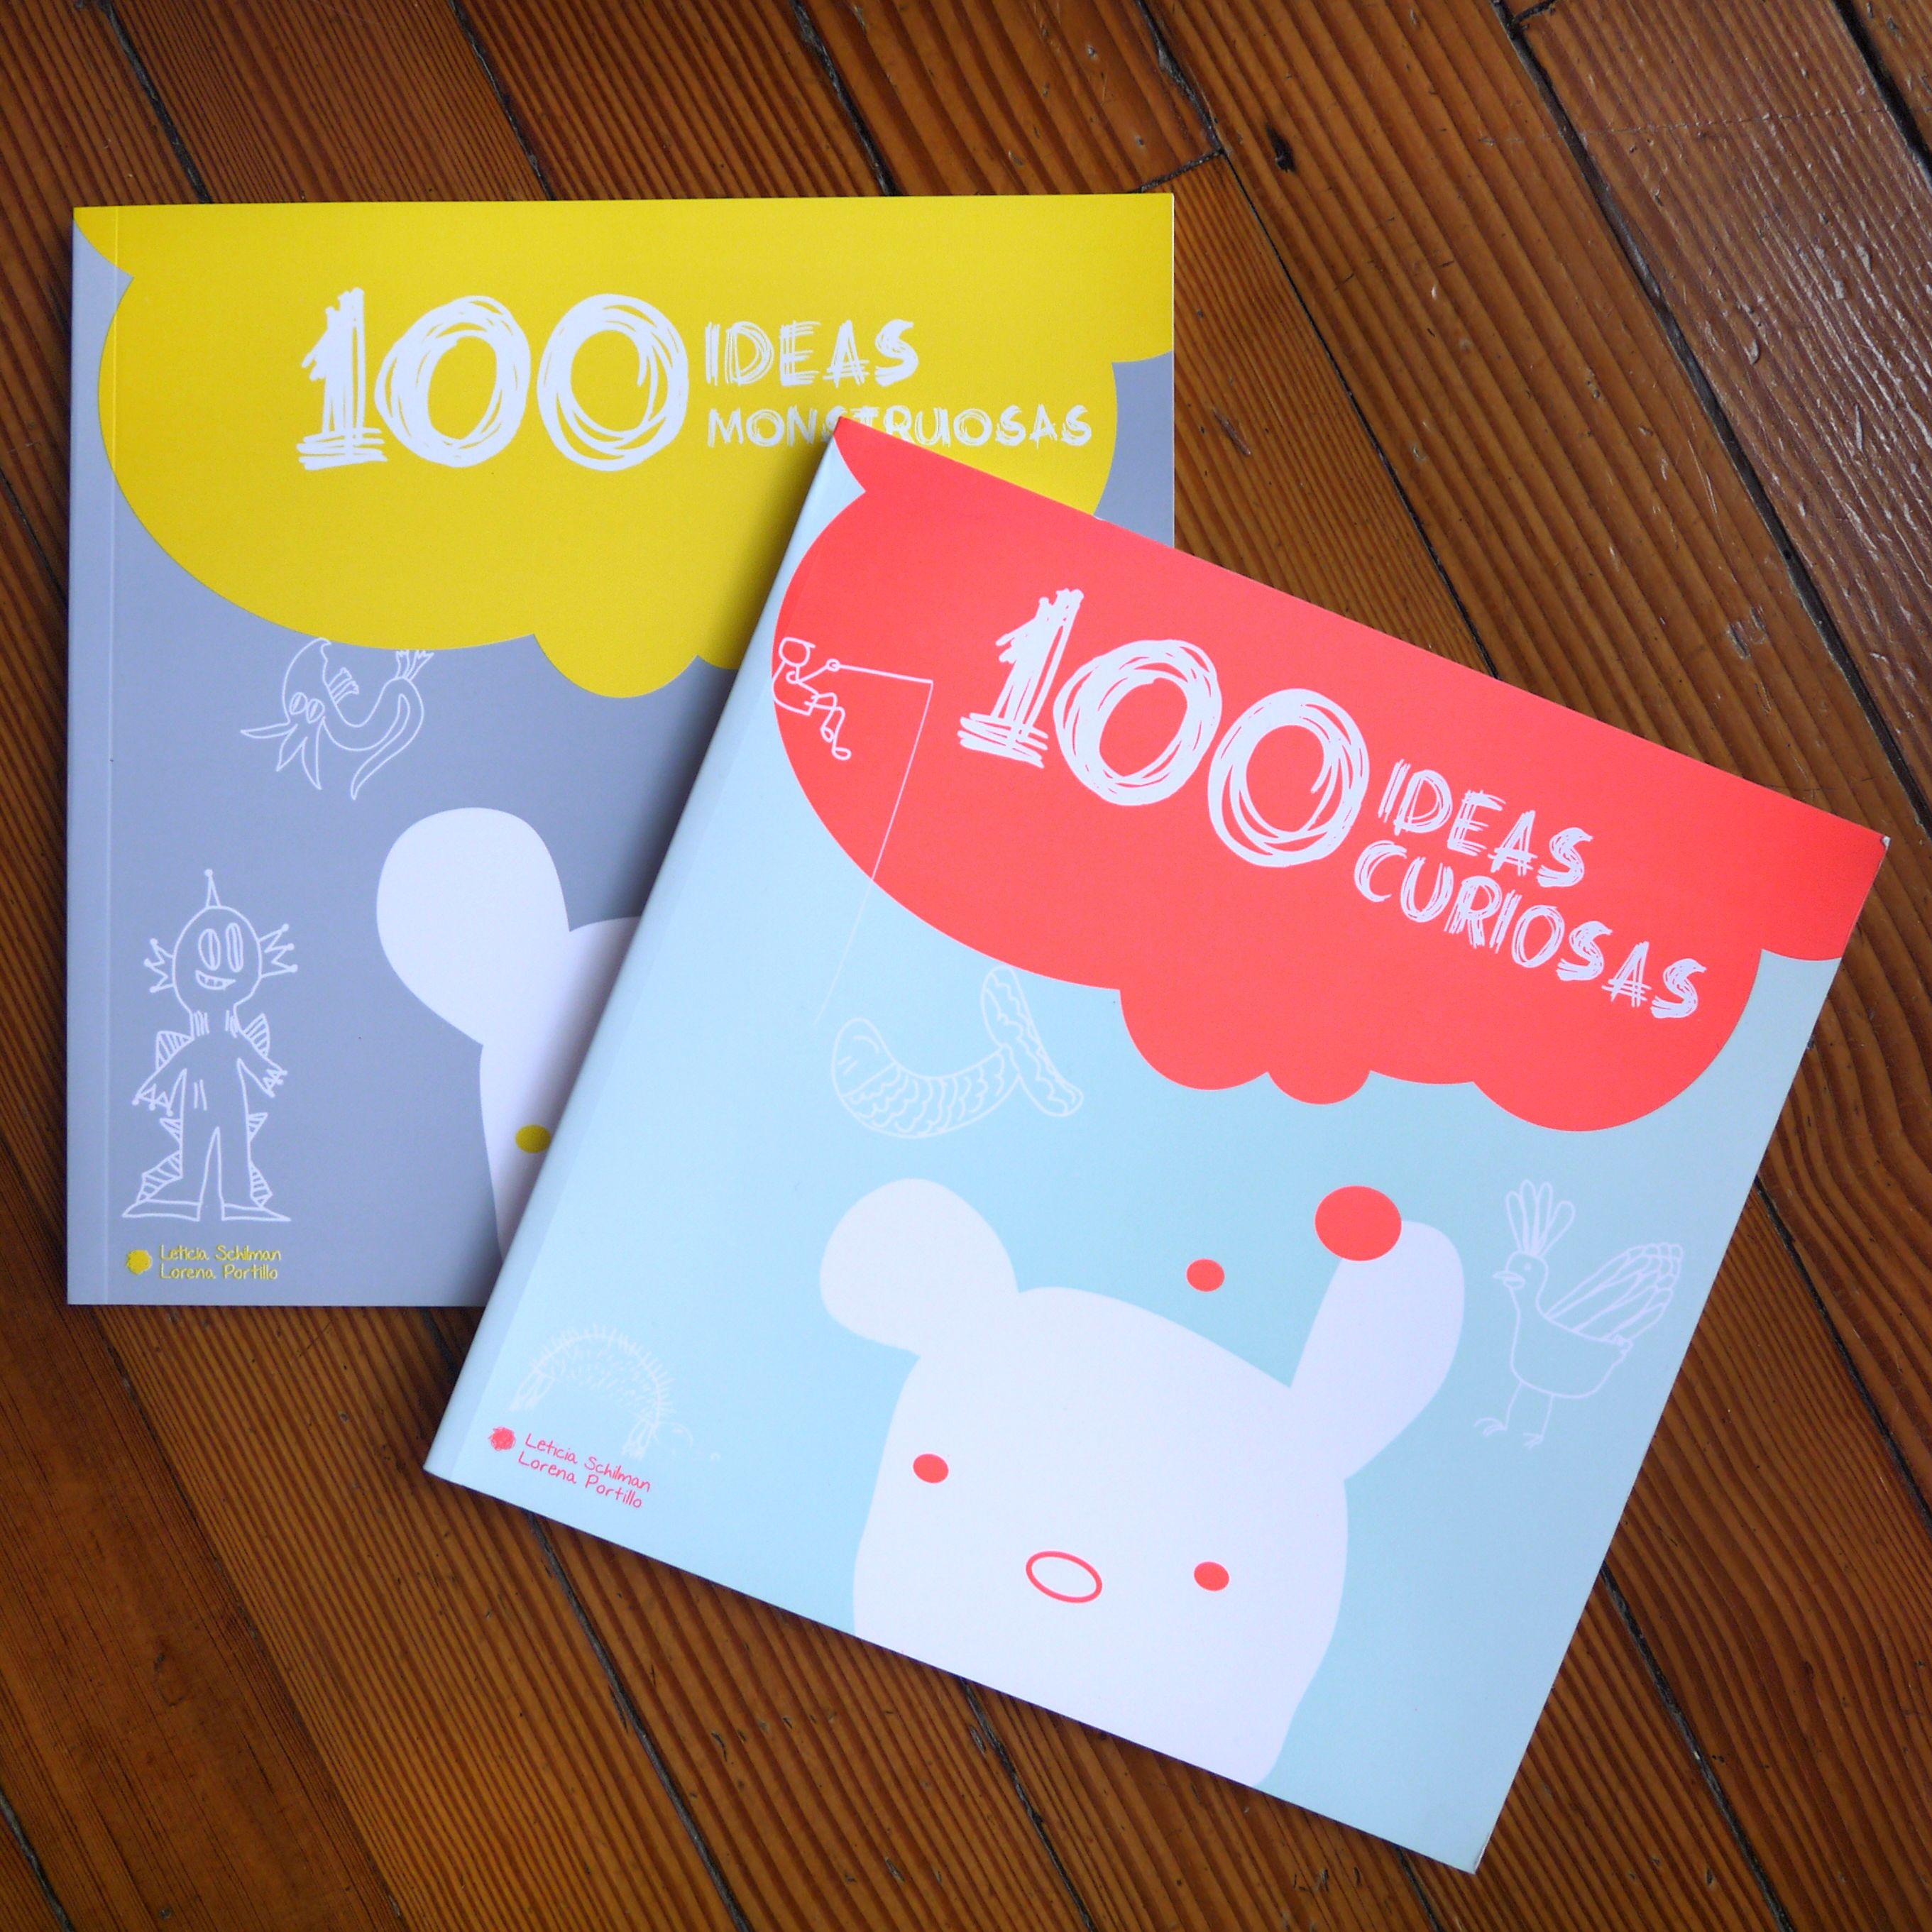 100 Ideas Para Pintar Dibujar Disenar Decorar Crear Descubrir Inventar Imaginar Www Cienideas Com Ar Facebook 100 Idea Libros Disenos De Unas Miedos